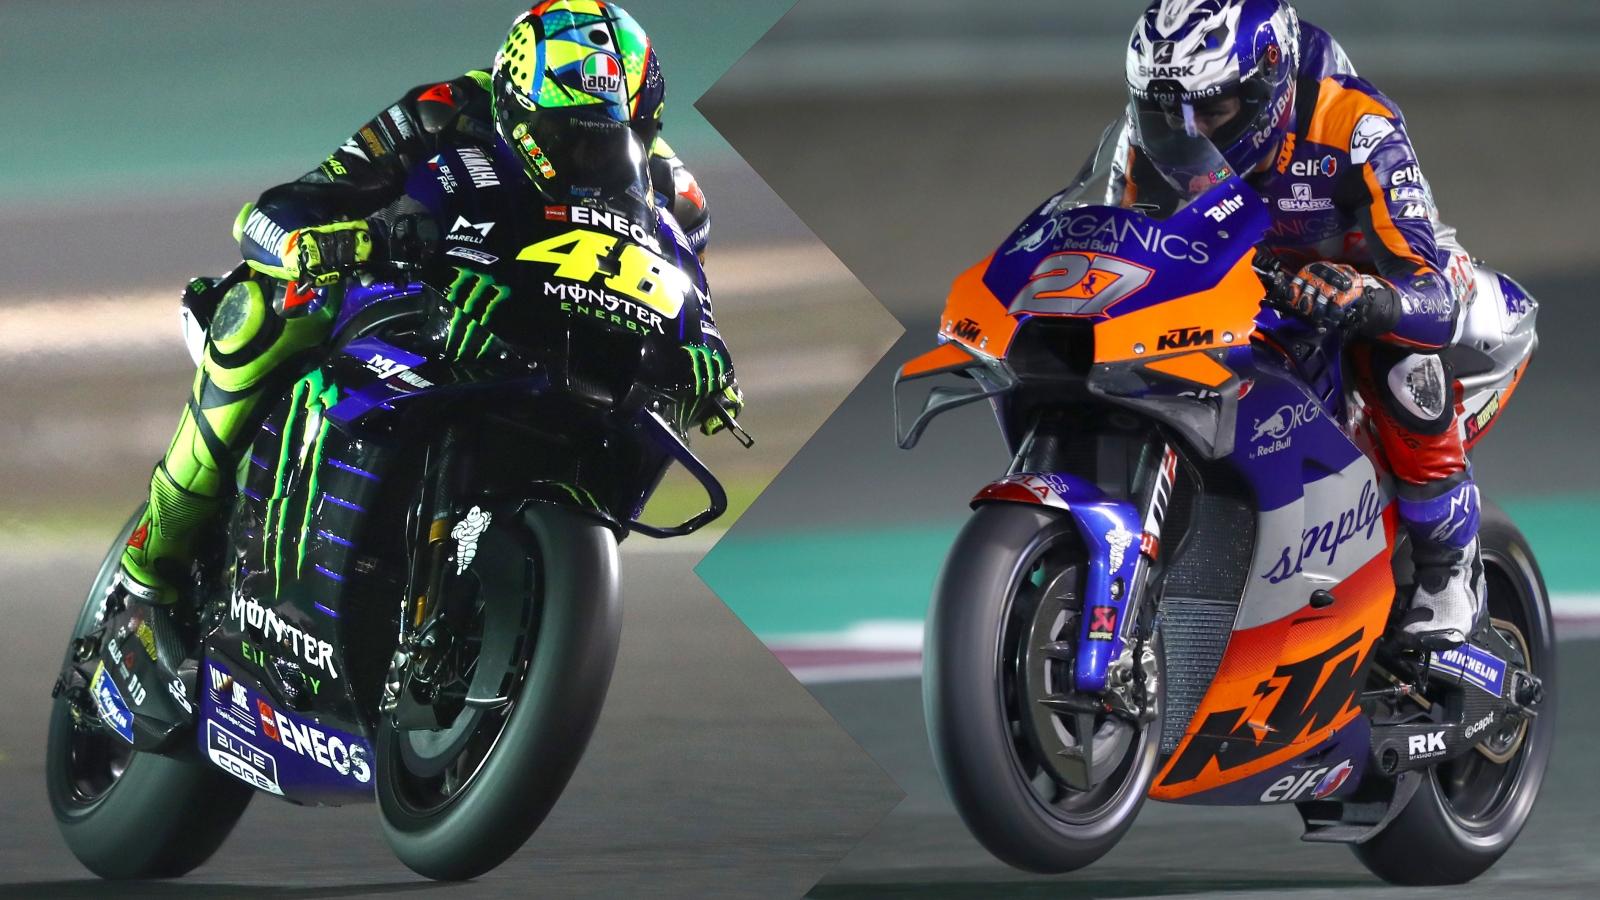 Las edades de MotoGP 2020: cuatro décadas de Valentino Rossi a Iker Lecuona